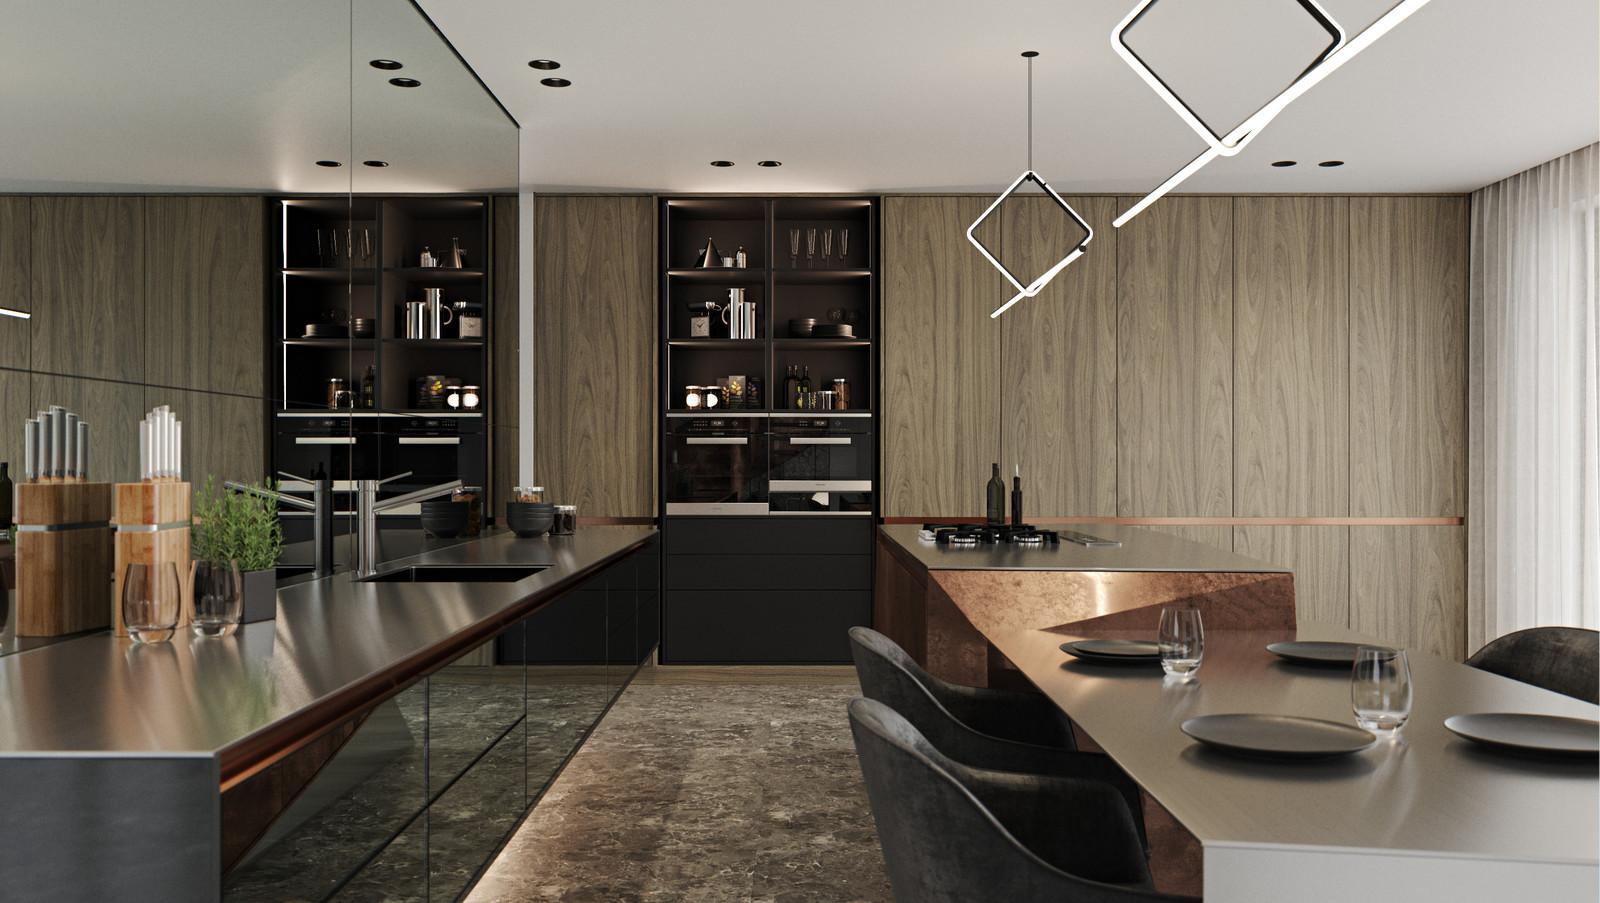 Kitchen-interior-design2-boyana